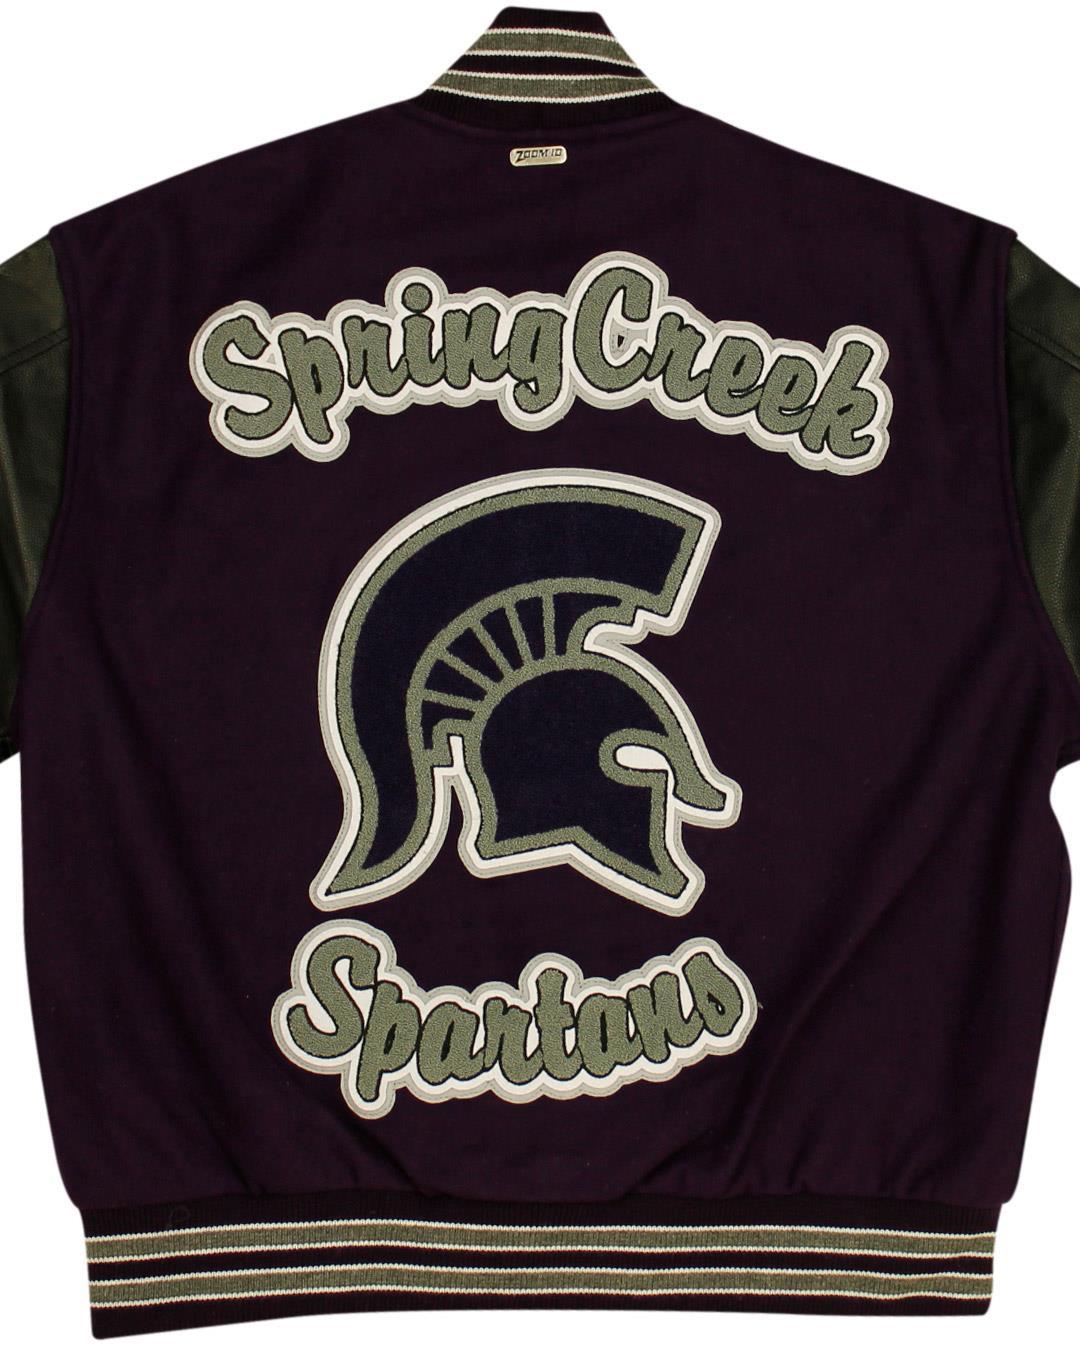 Spring Creek High School Letterman Jacket, Spring Creek NV - Back